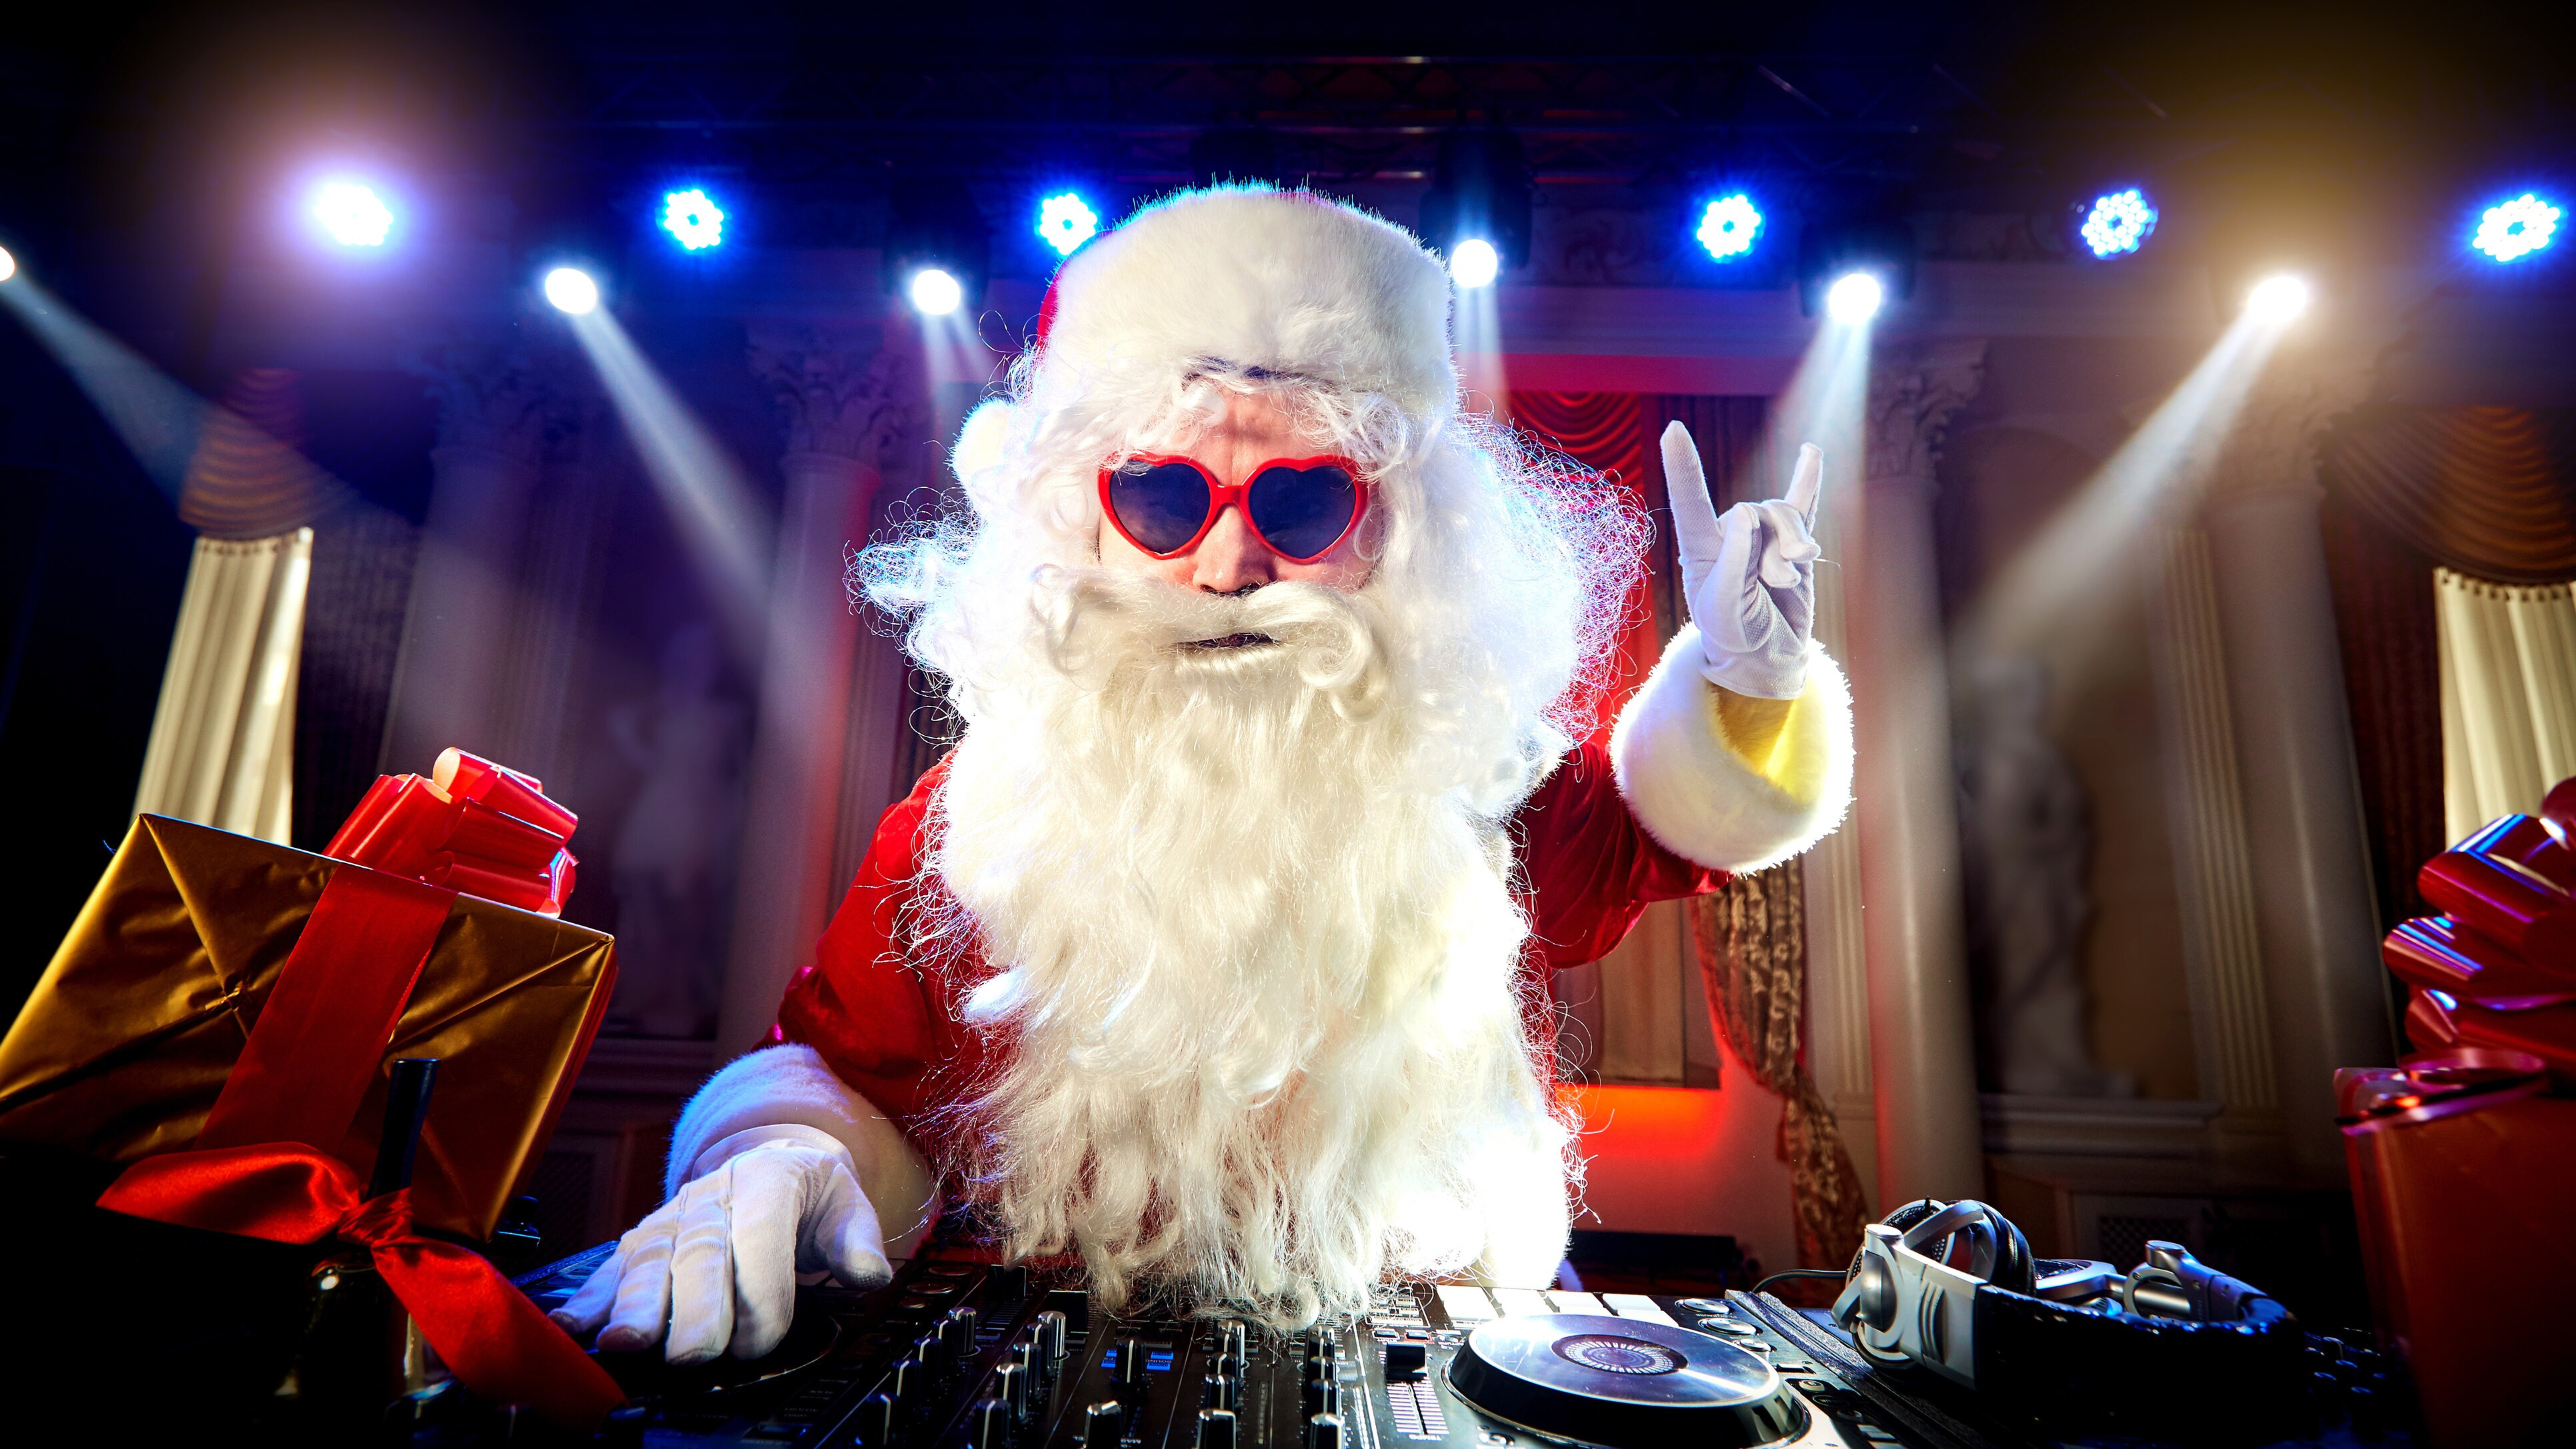 Les Suggestions De Disques De Noël D'éric Plamondon | Le 6 À 9 avec Musique Du Père Noël